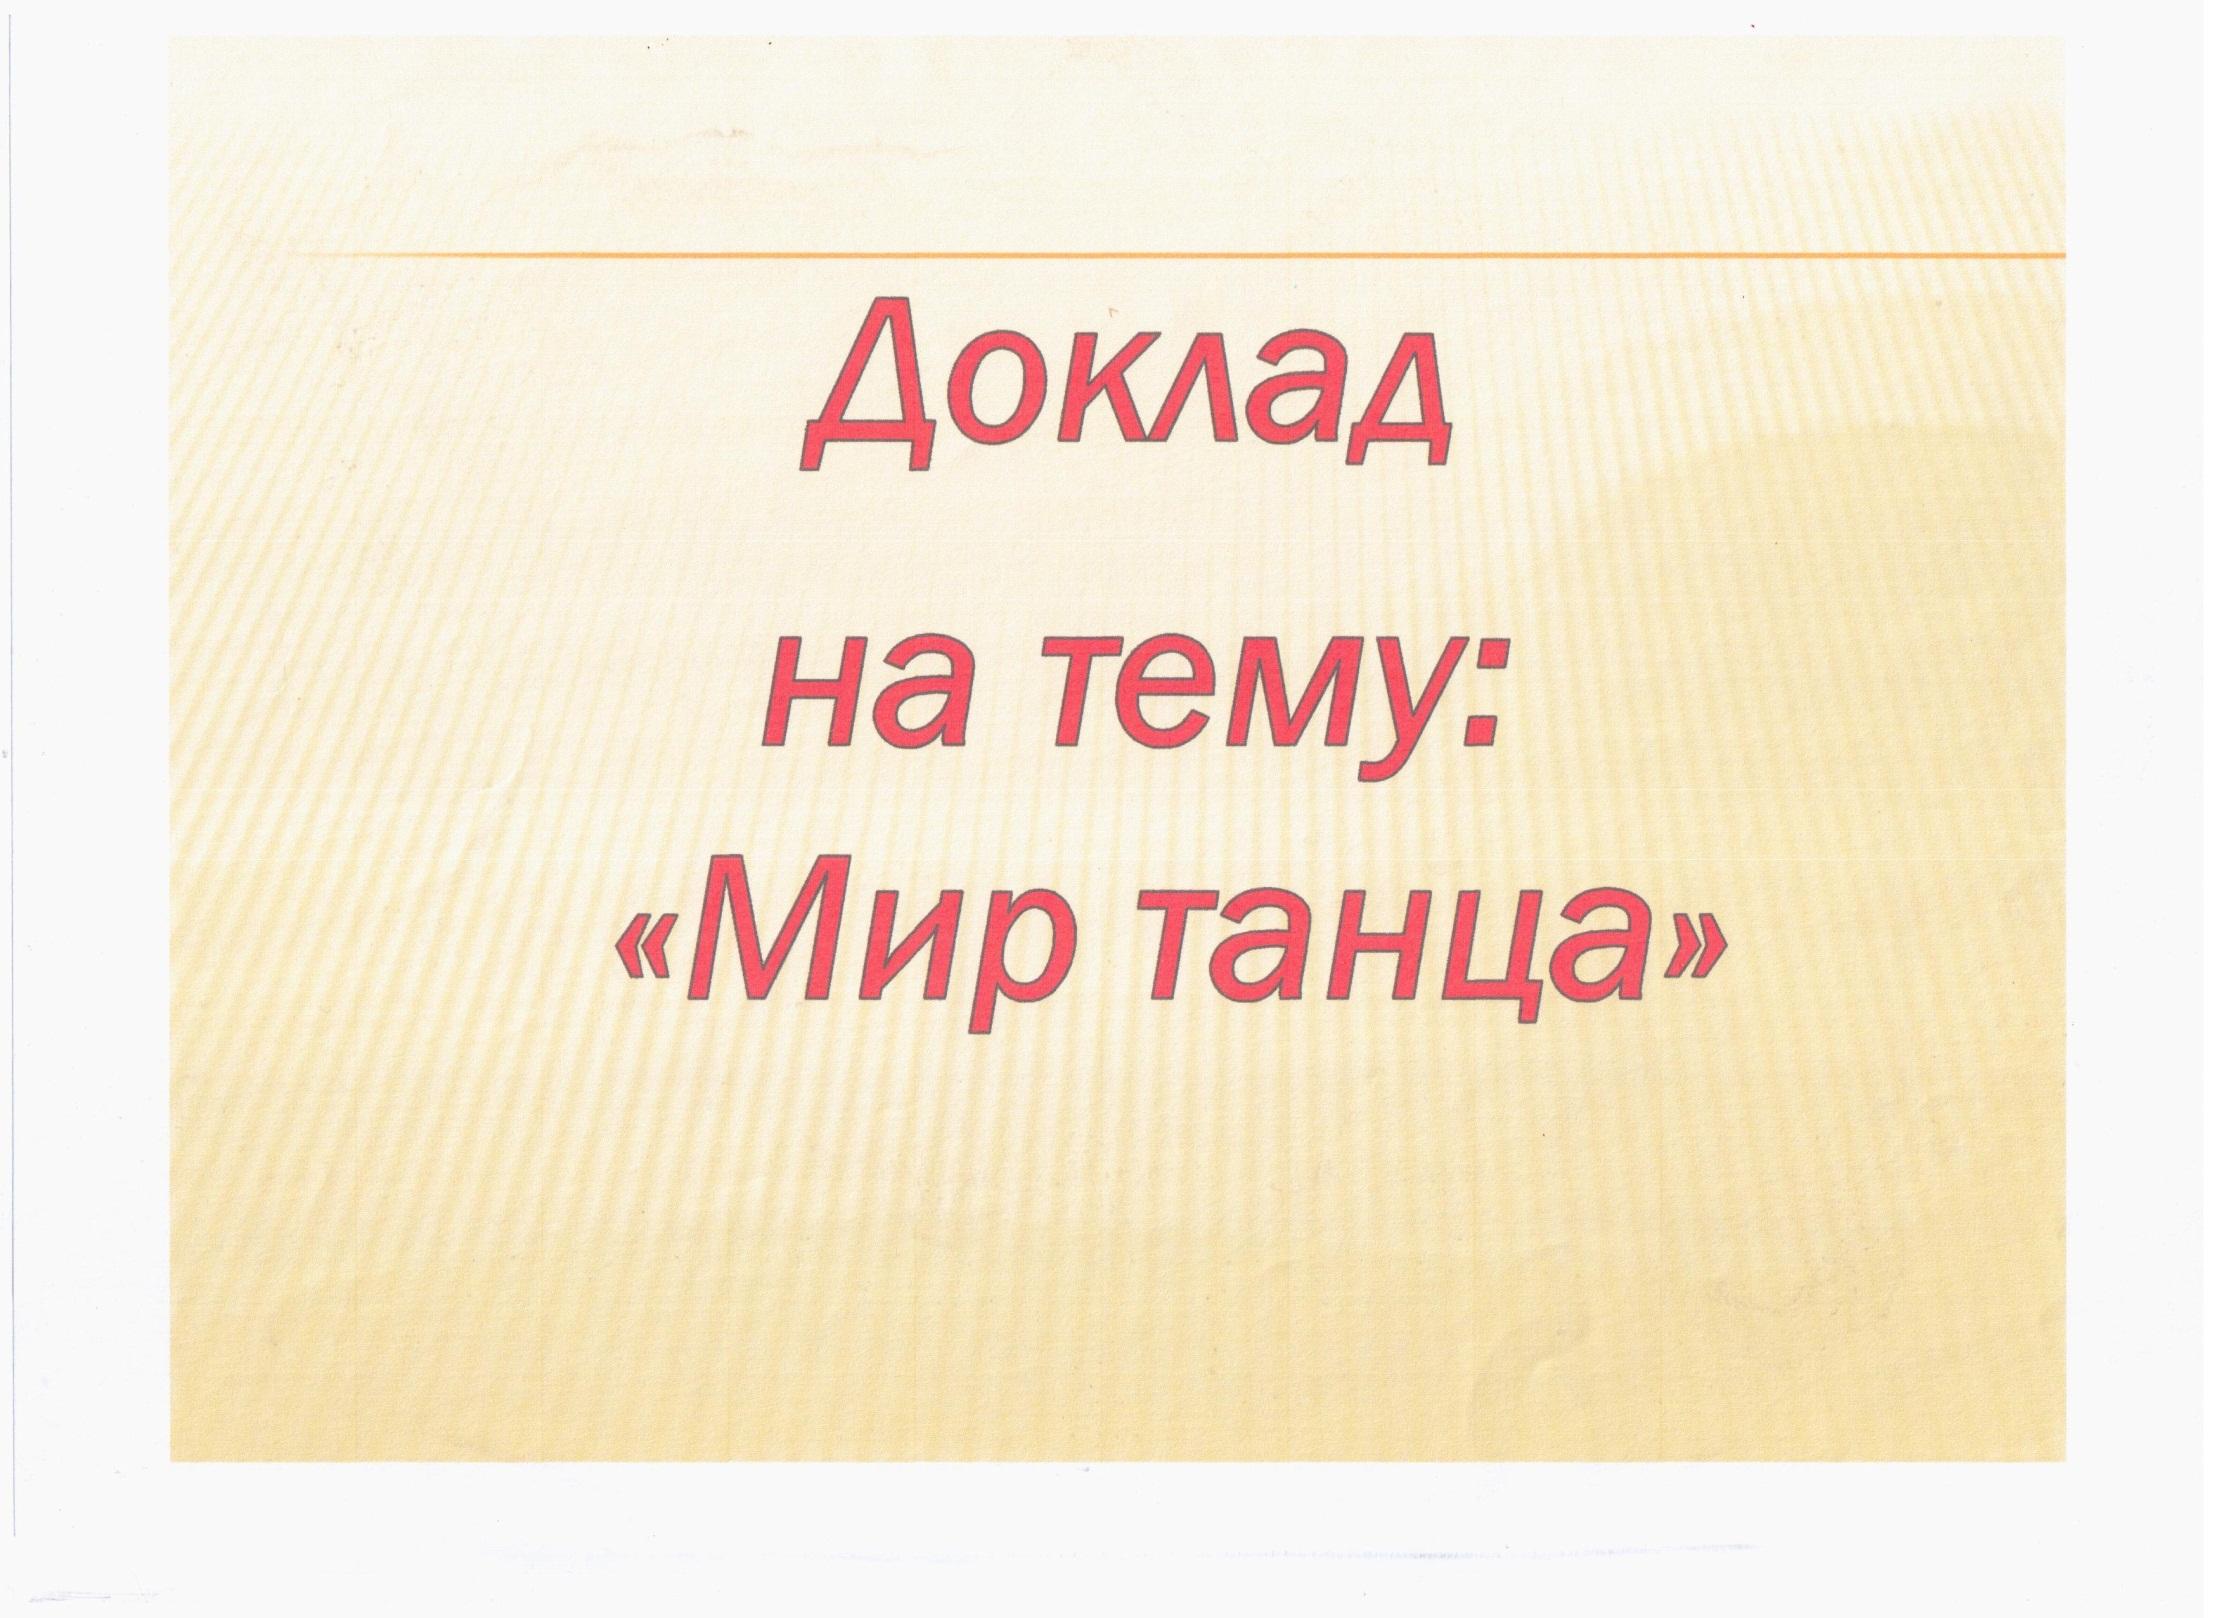 C:\Users\Администратор\Documents\аттестация\доклад мир танца\а1.jpeg